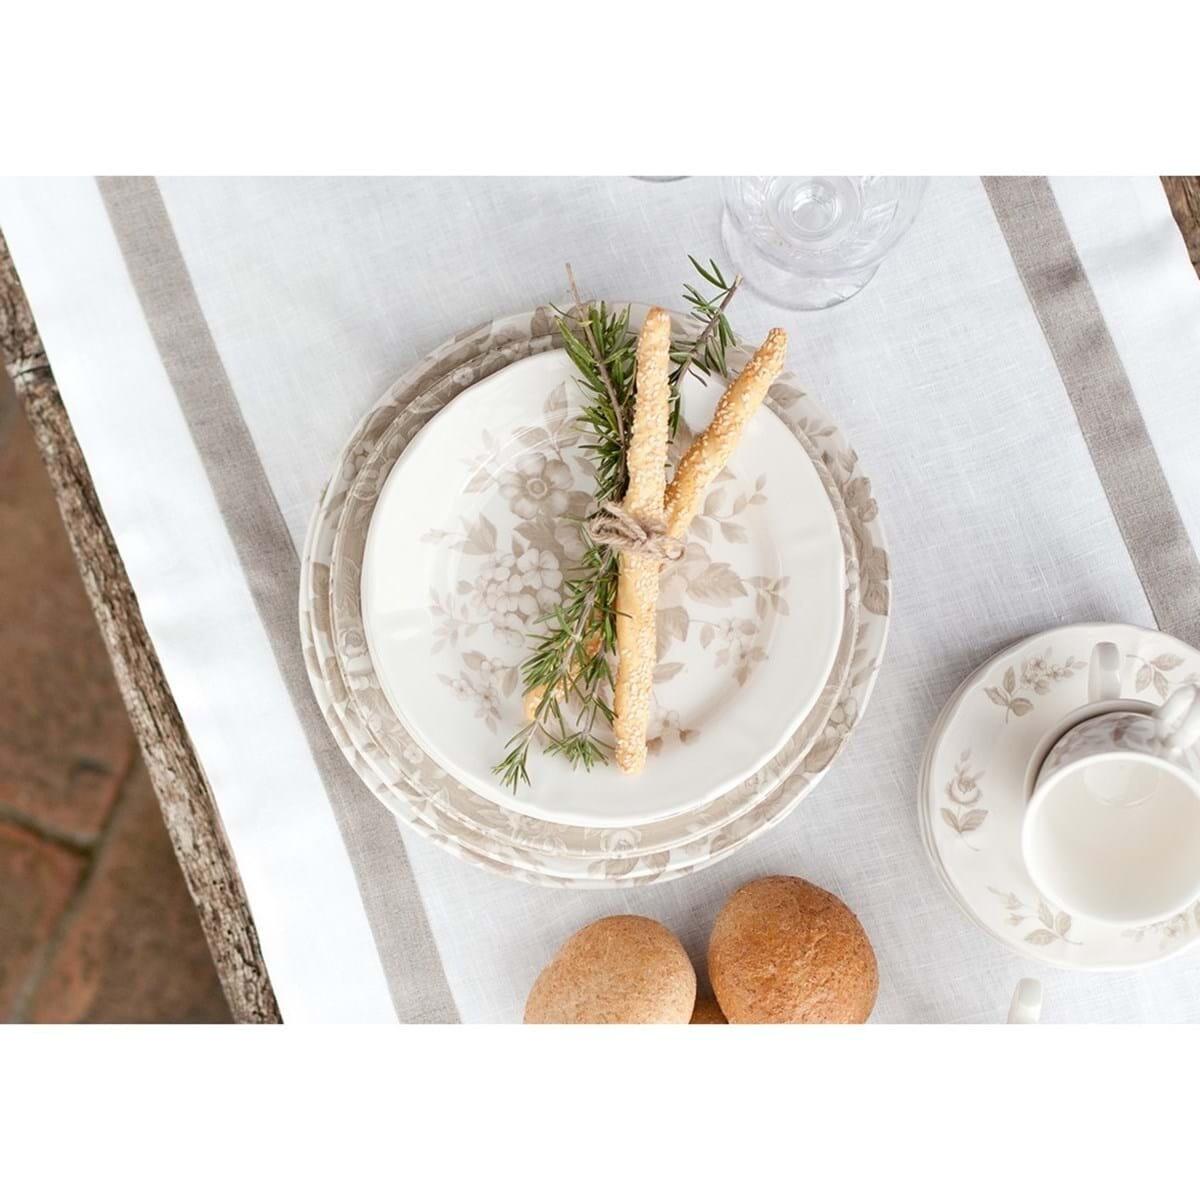 Servizio Piatti in ceramica da 6 Persone Splendor Blanc Mariclò